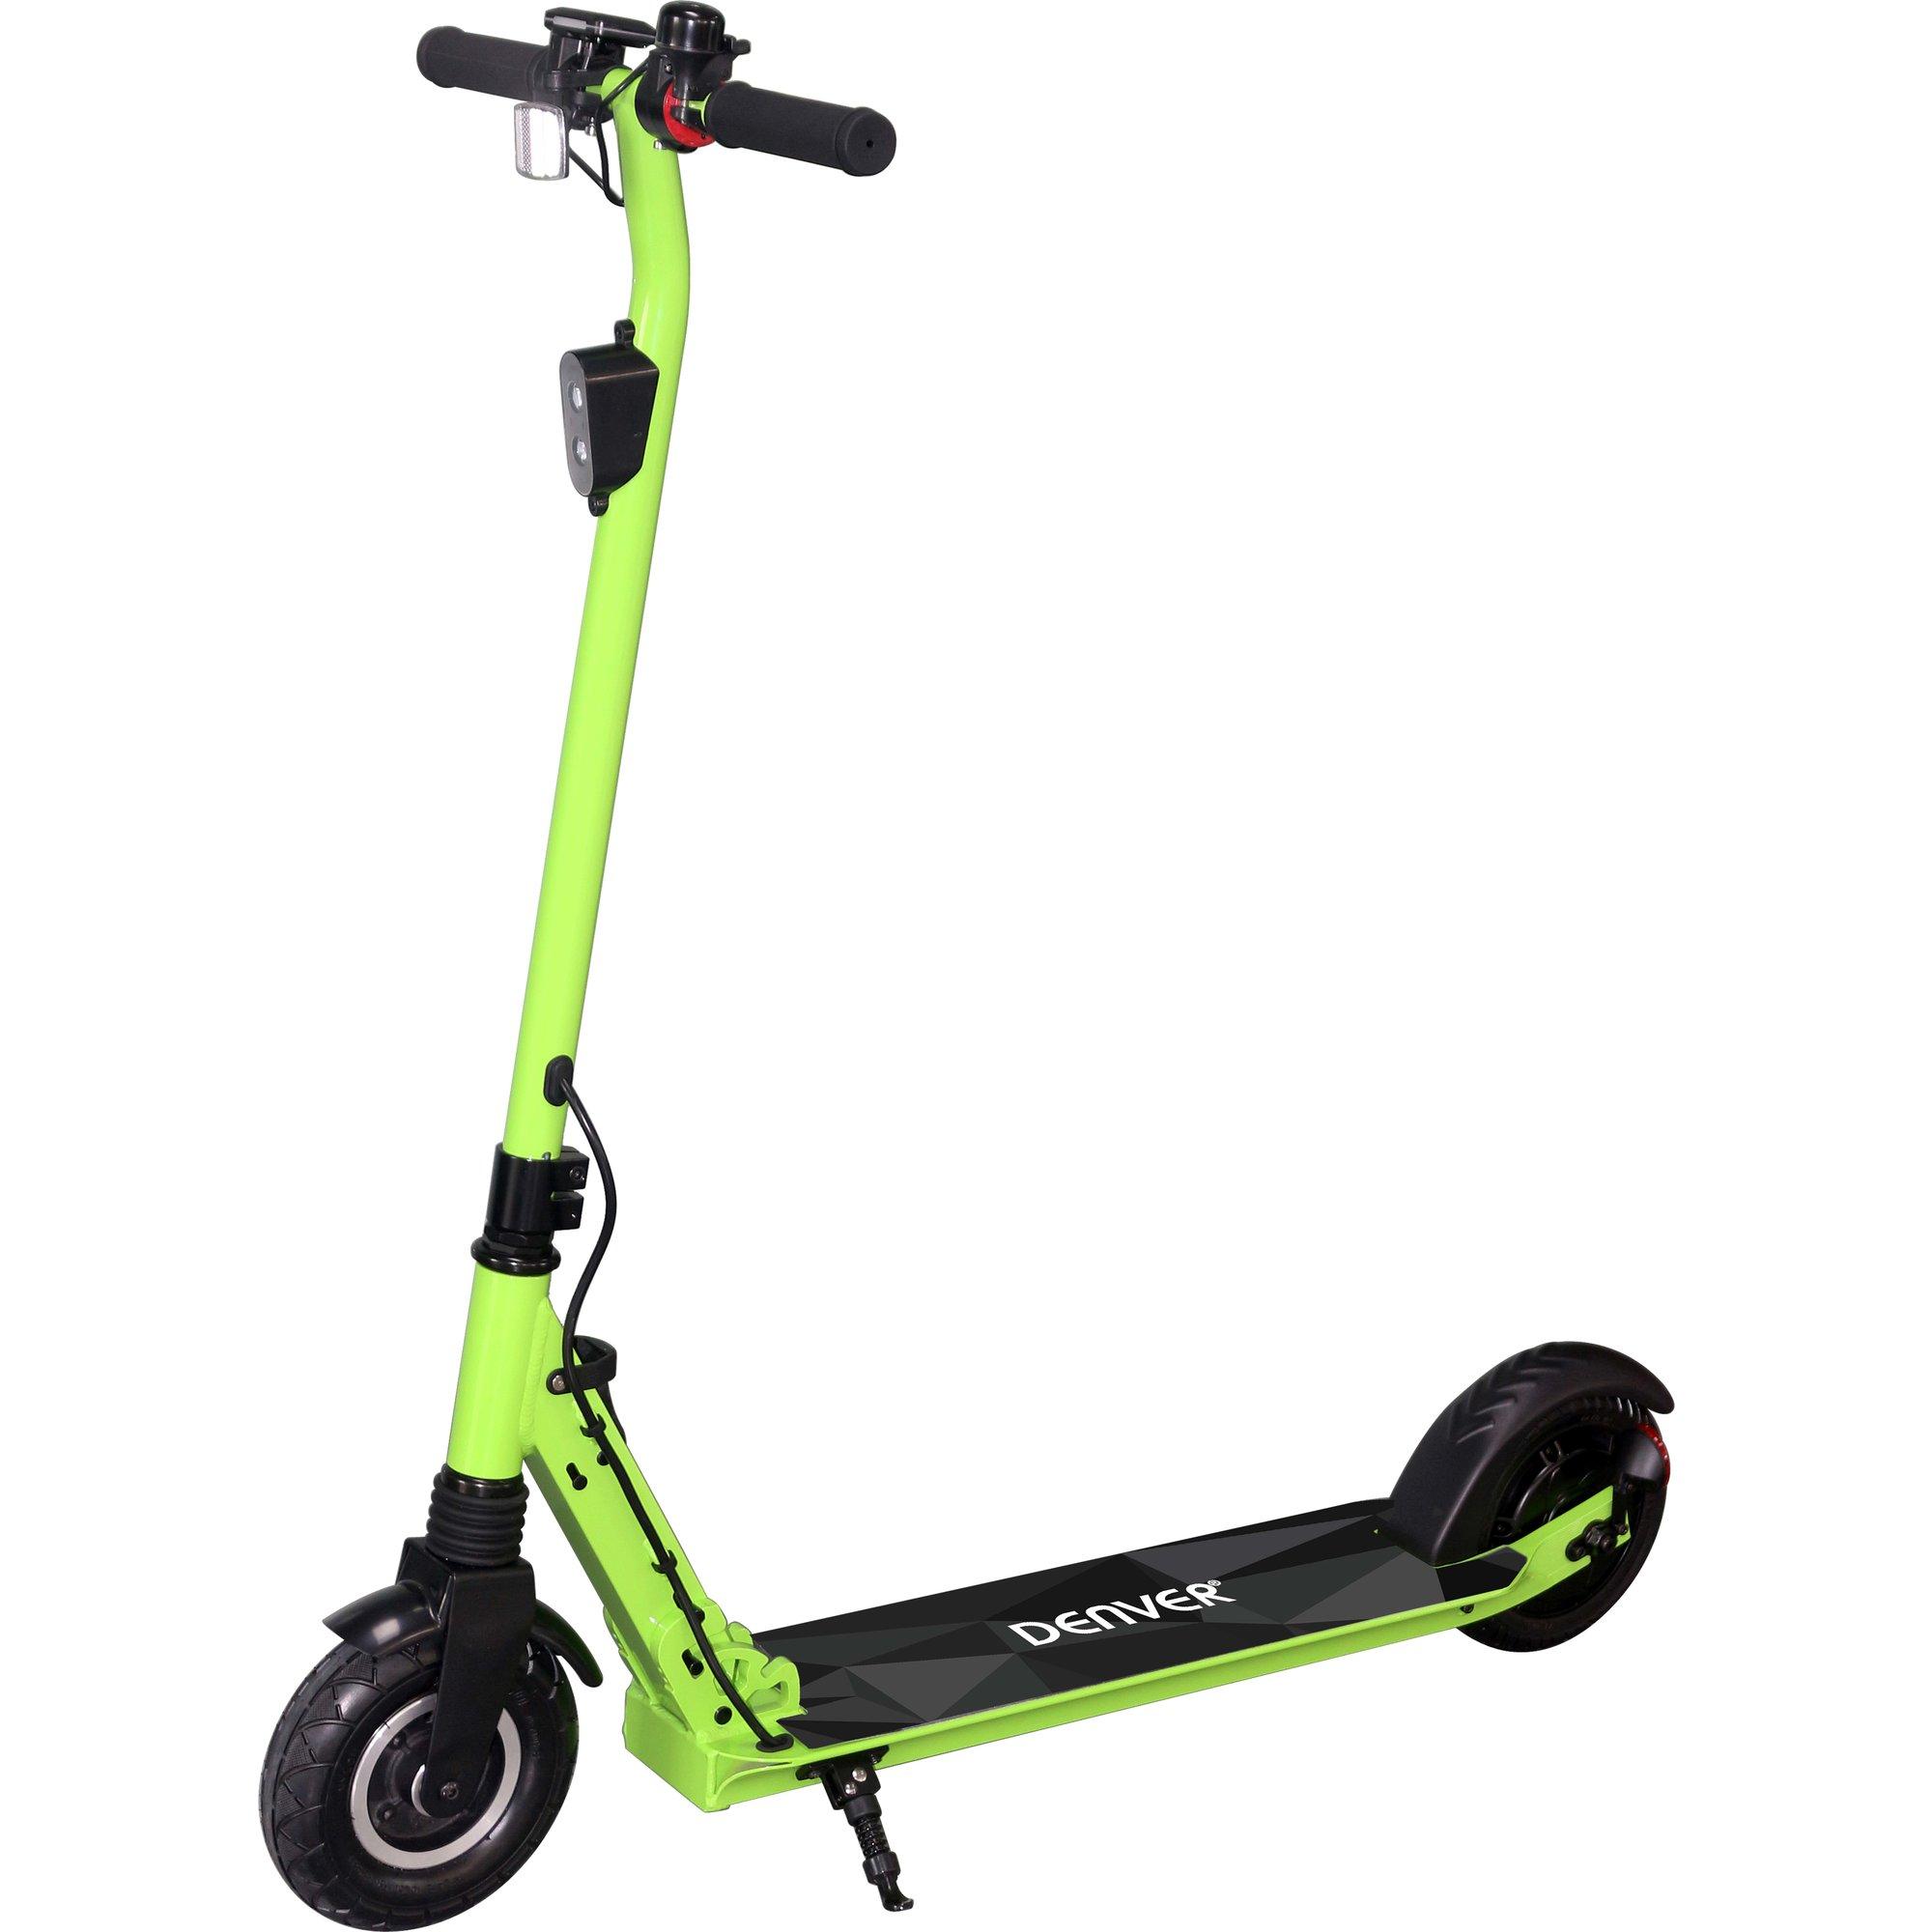 Denver SEL-80130 elektrisk scooter grön